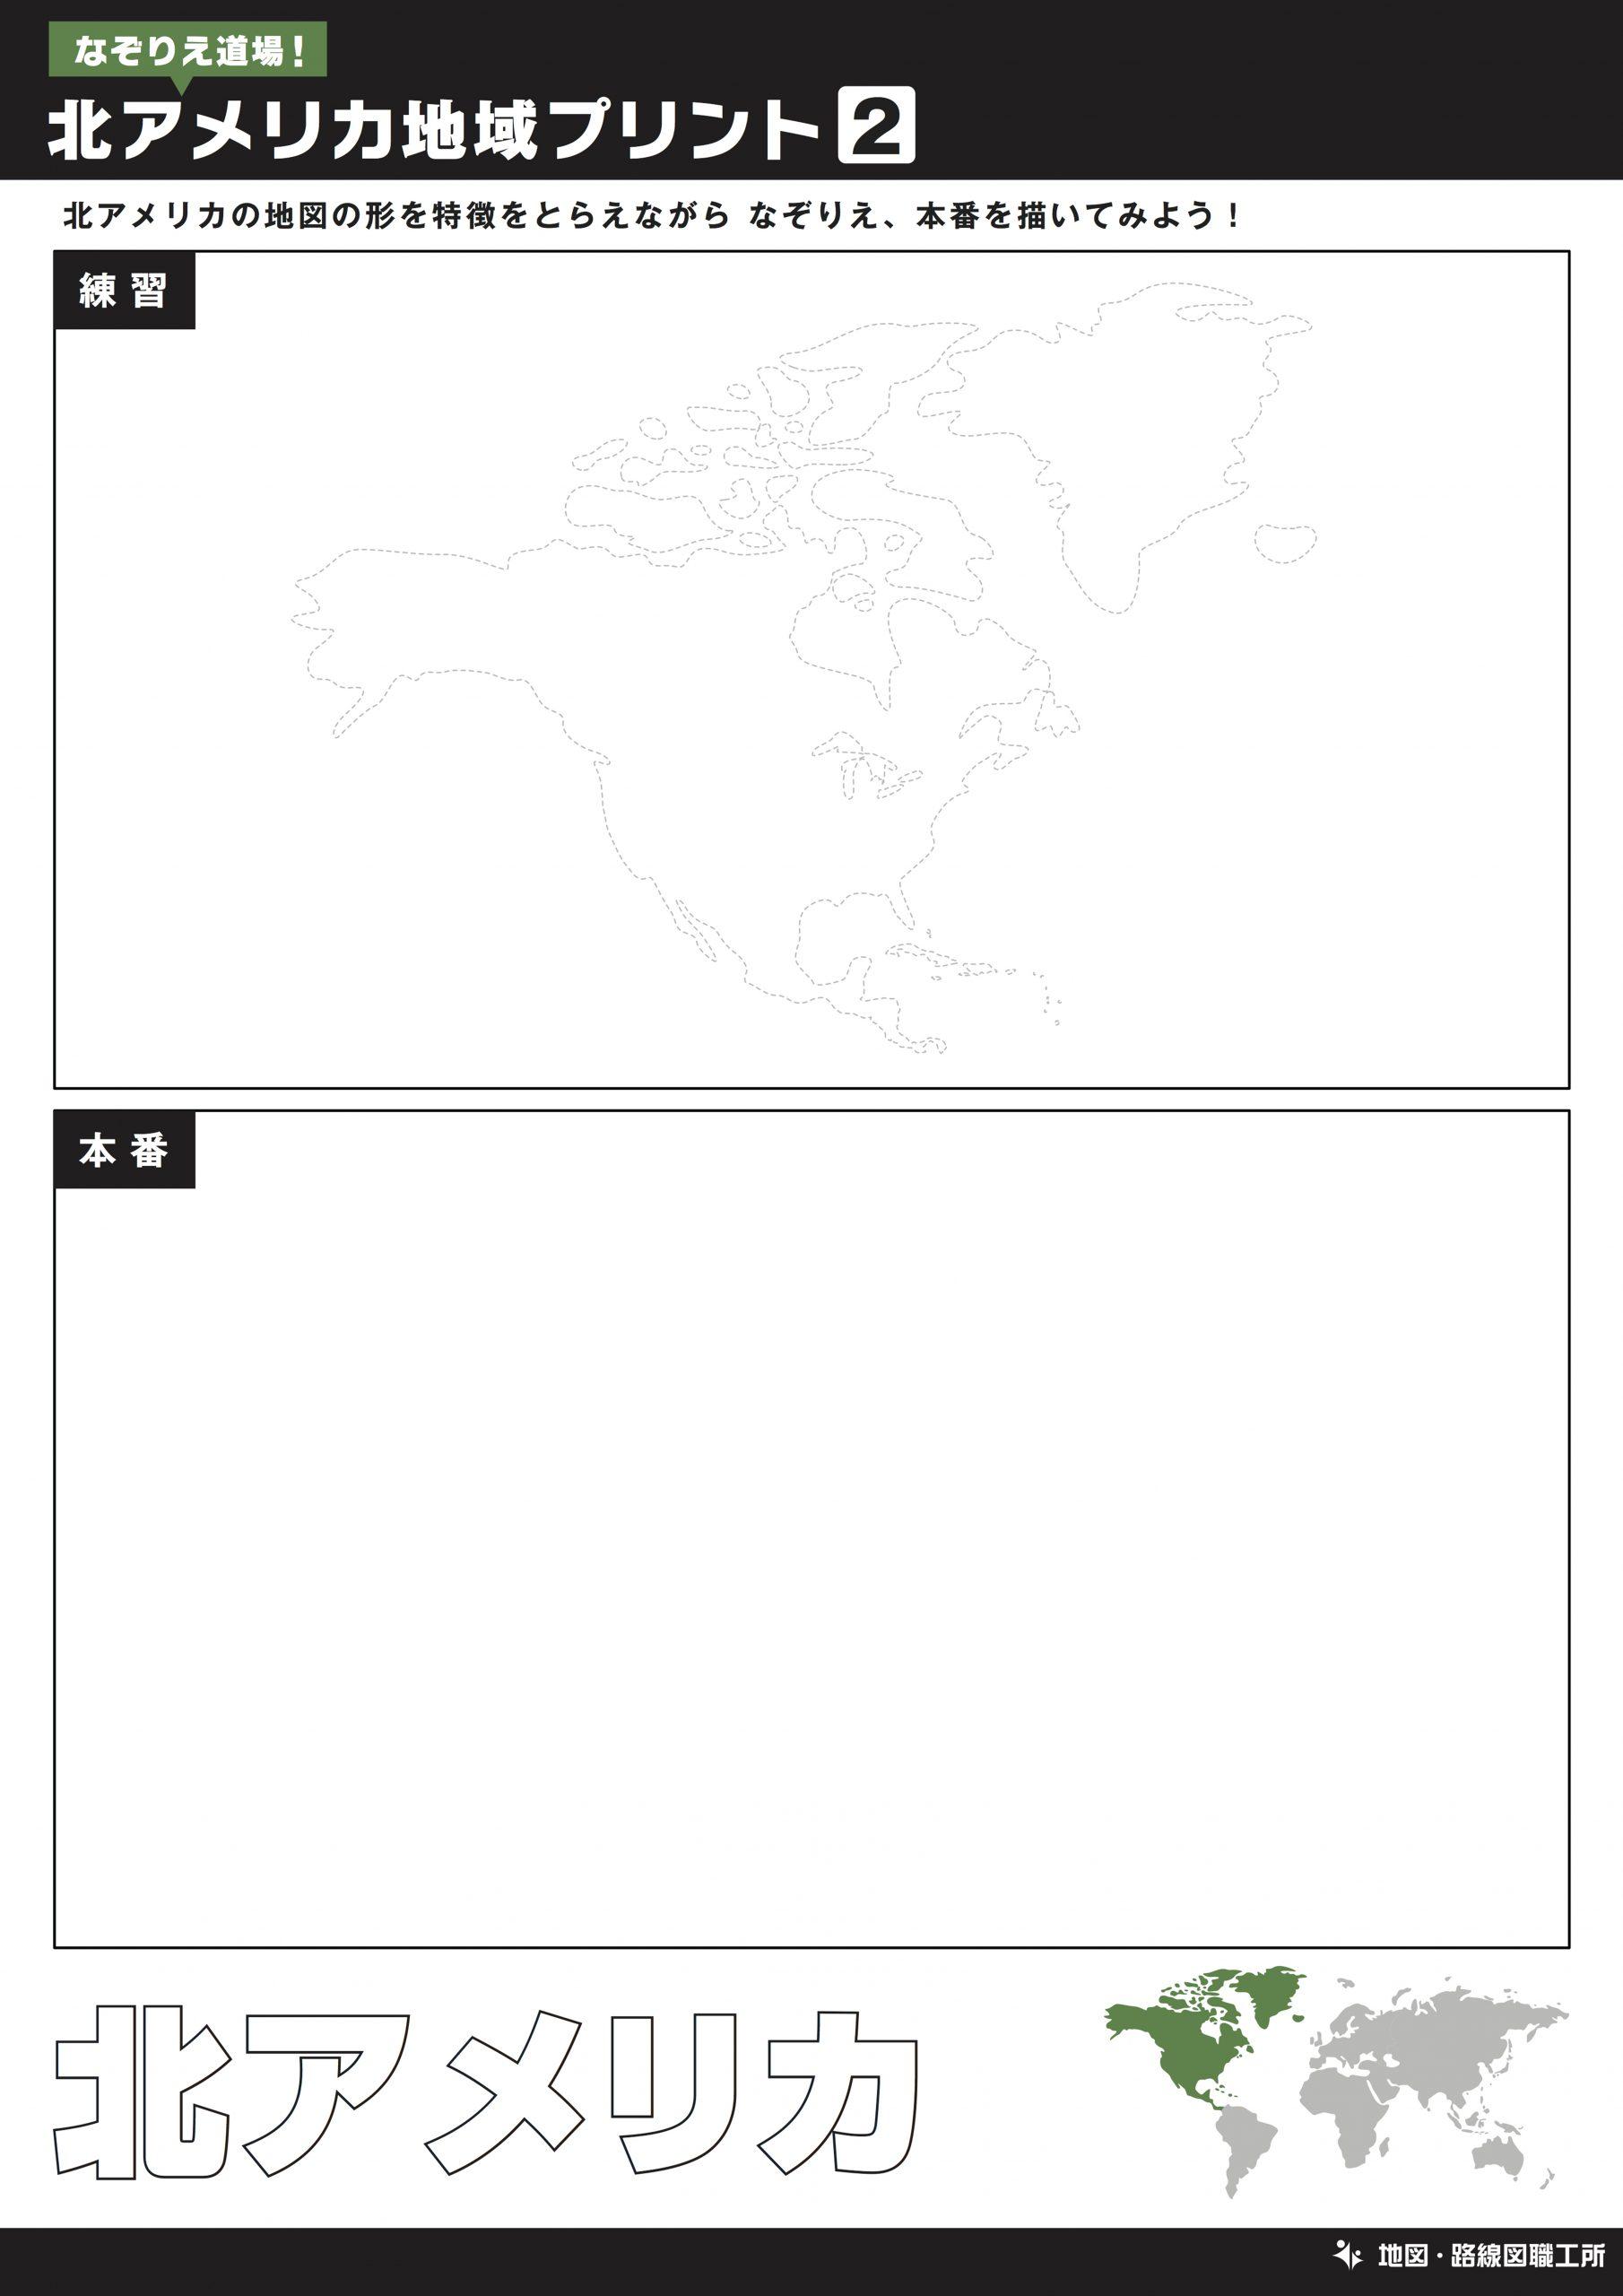 北アメリカ地図をなぞって描く練習②